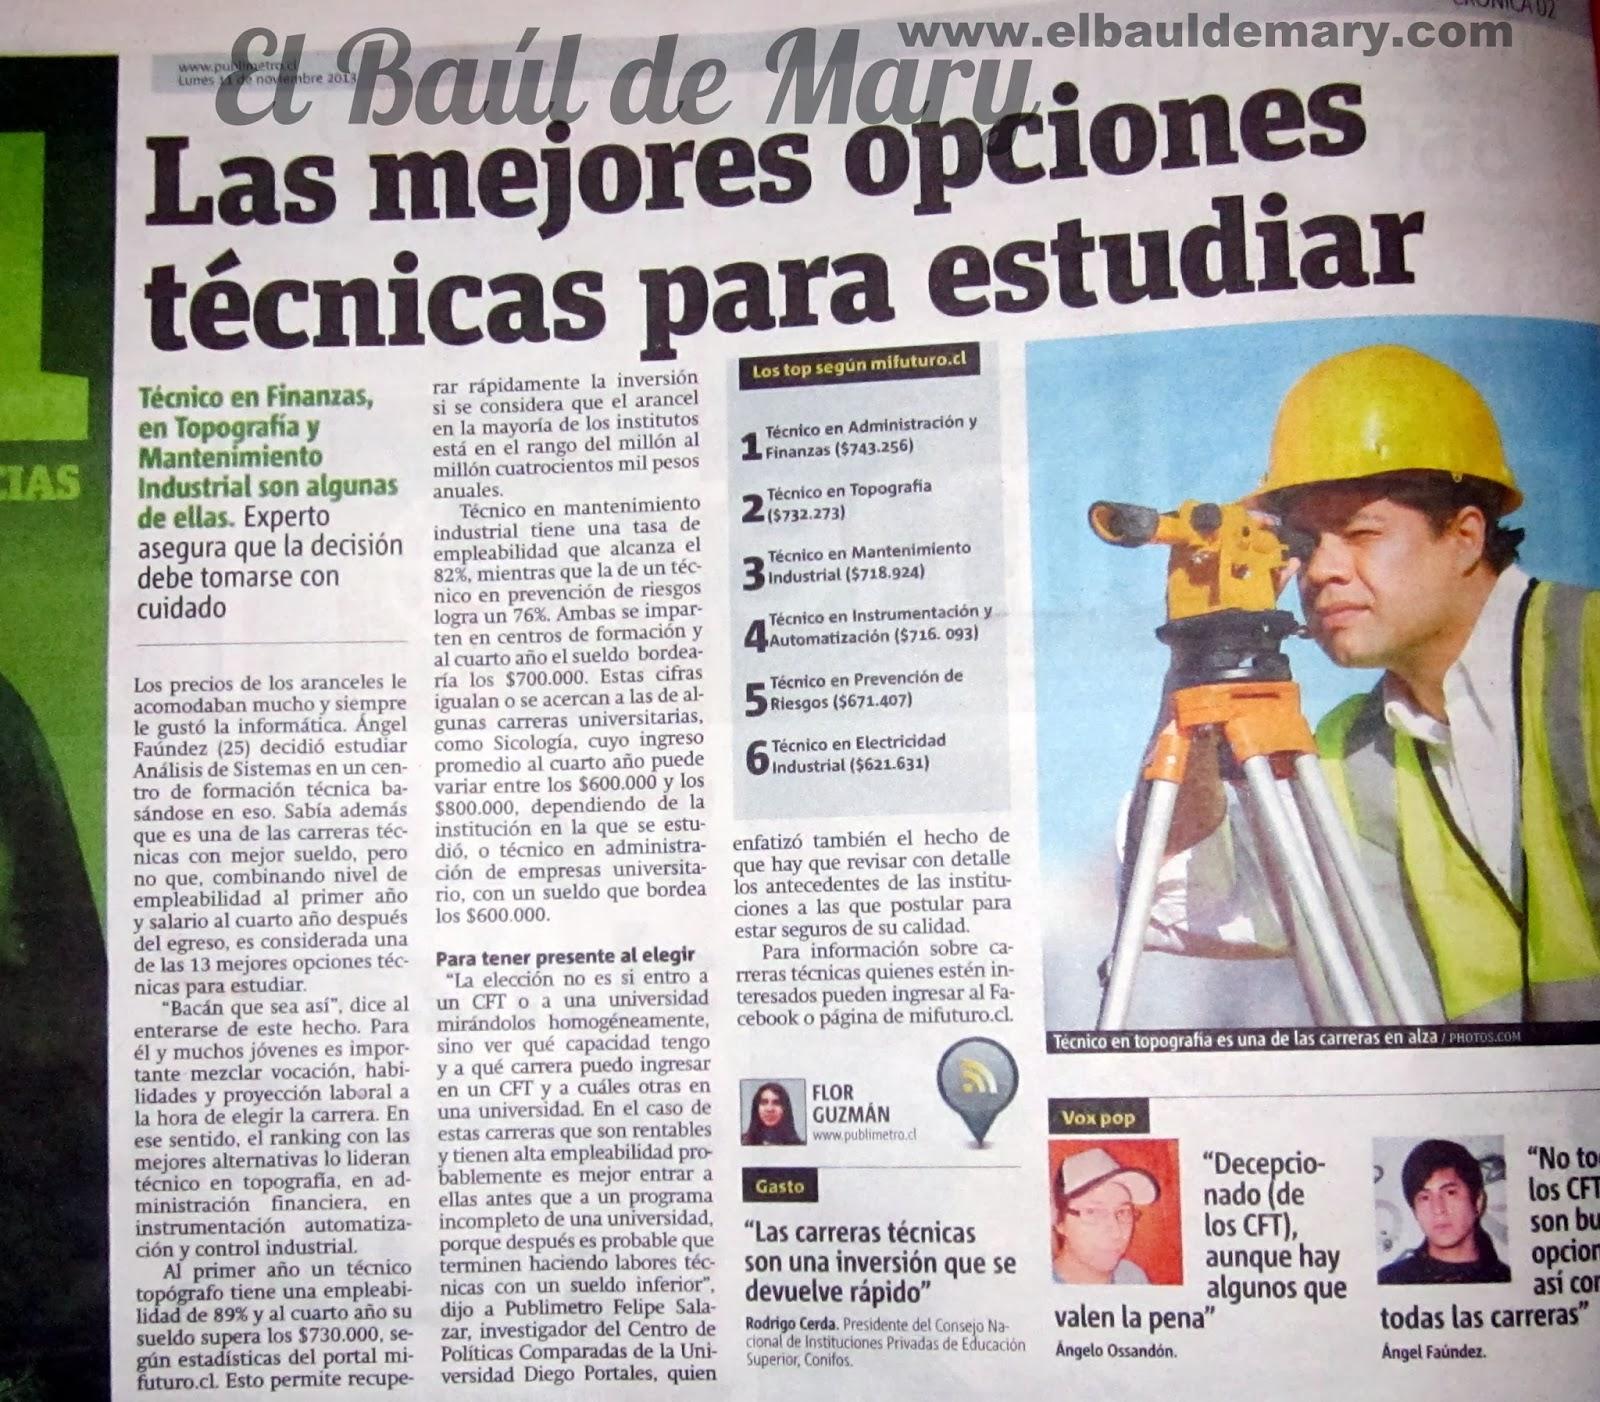 Mejores oportunidades para venezolanos en Chile